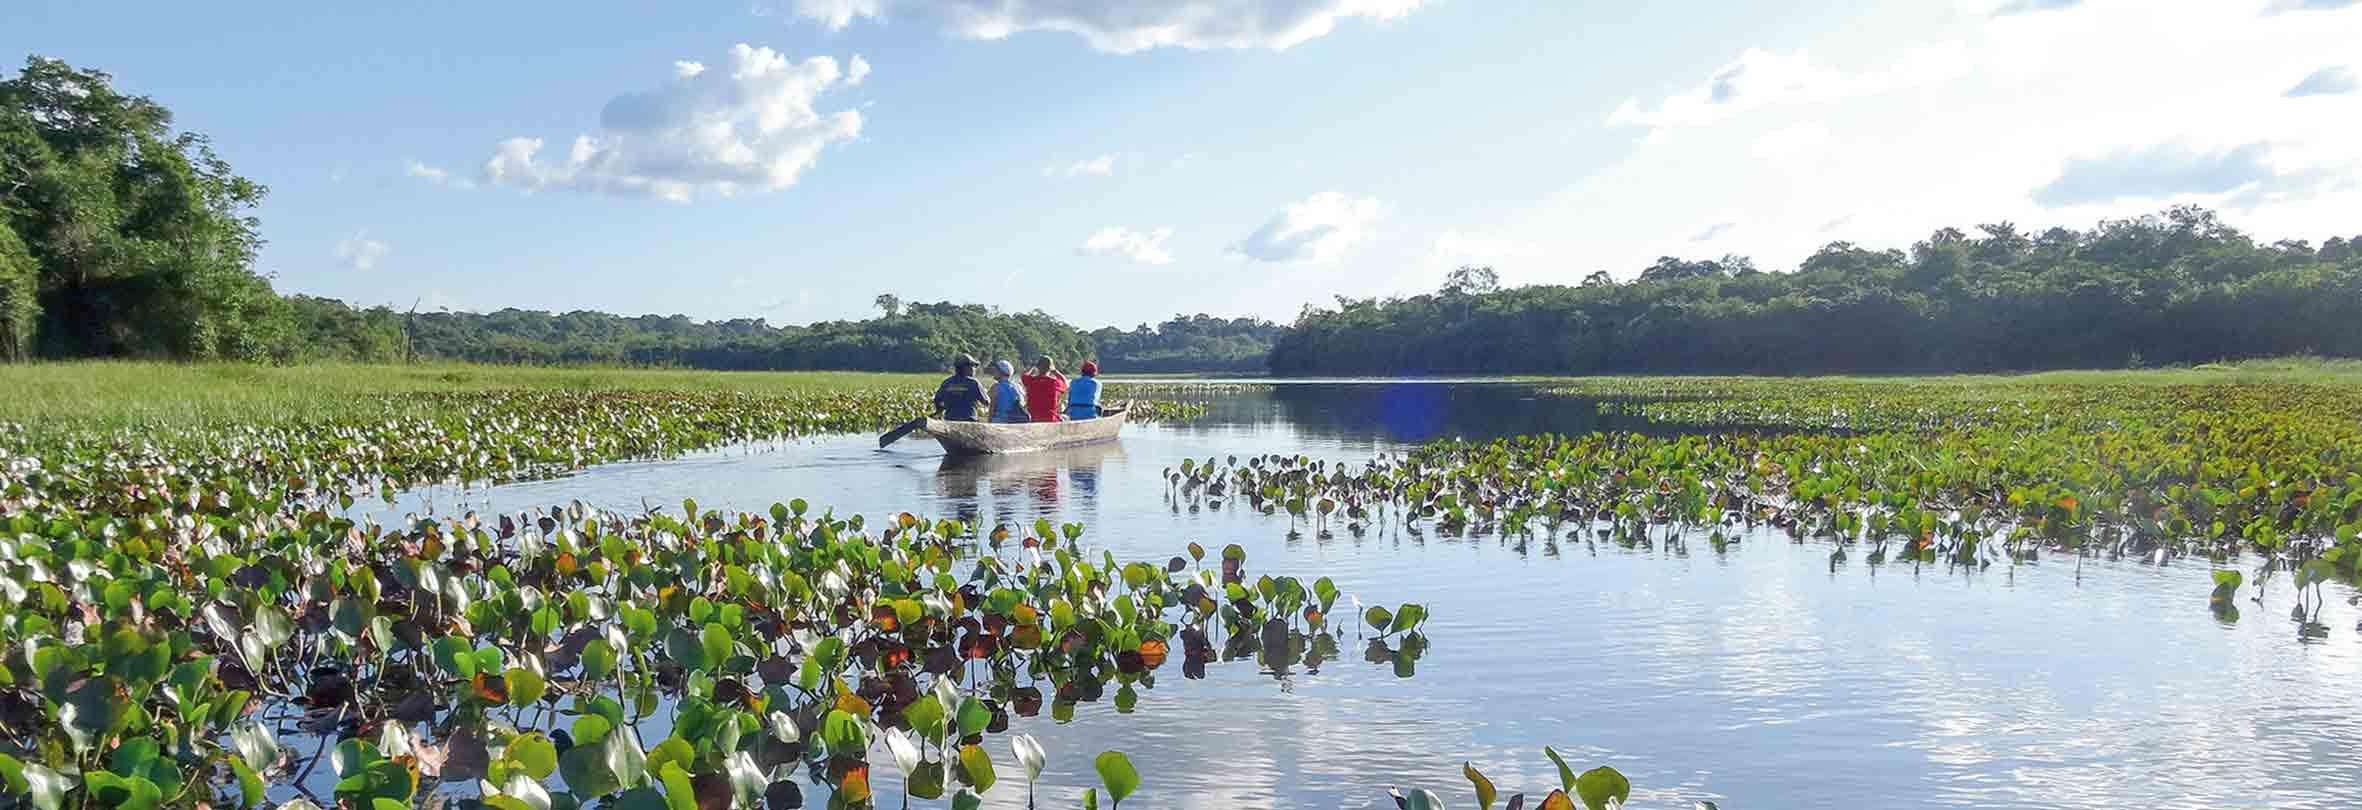 Per Kanu in Guyana unterwegs